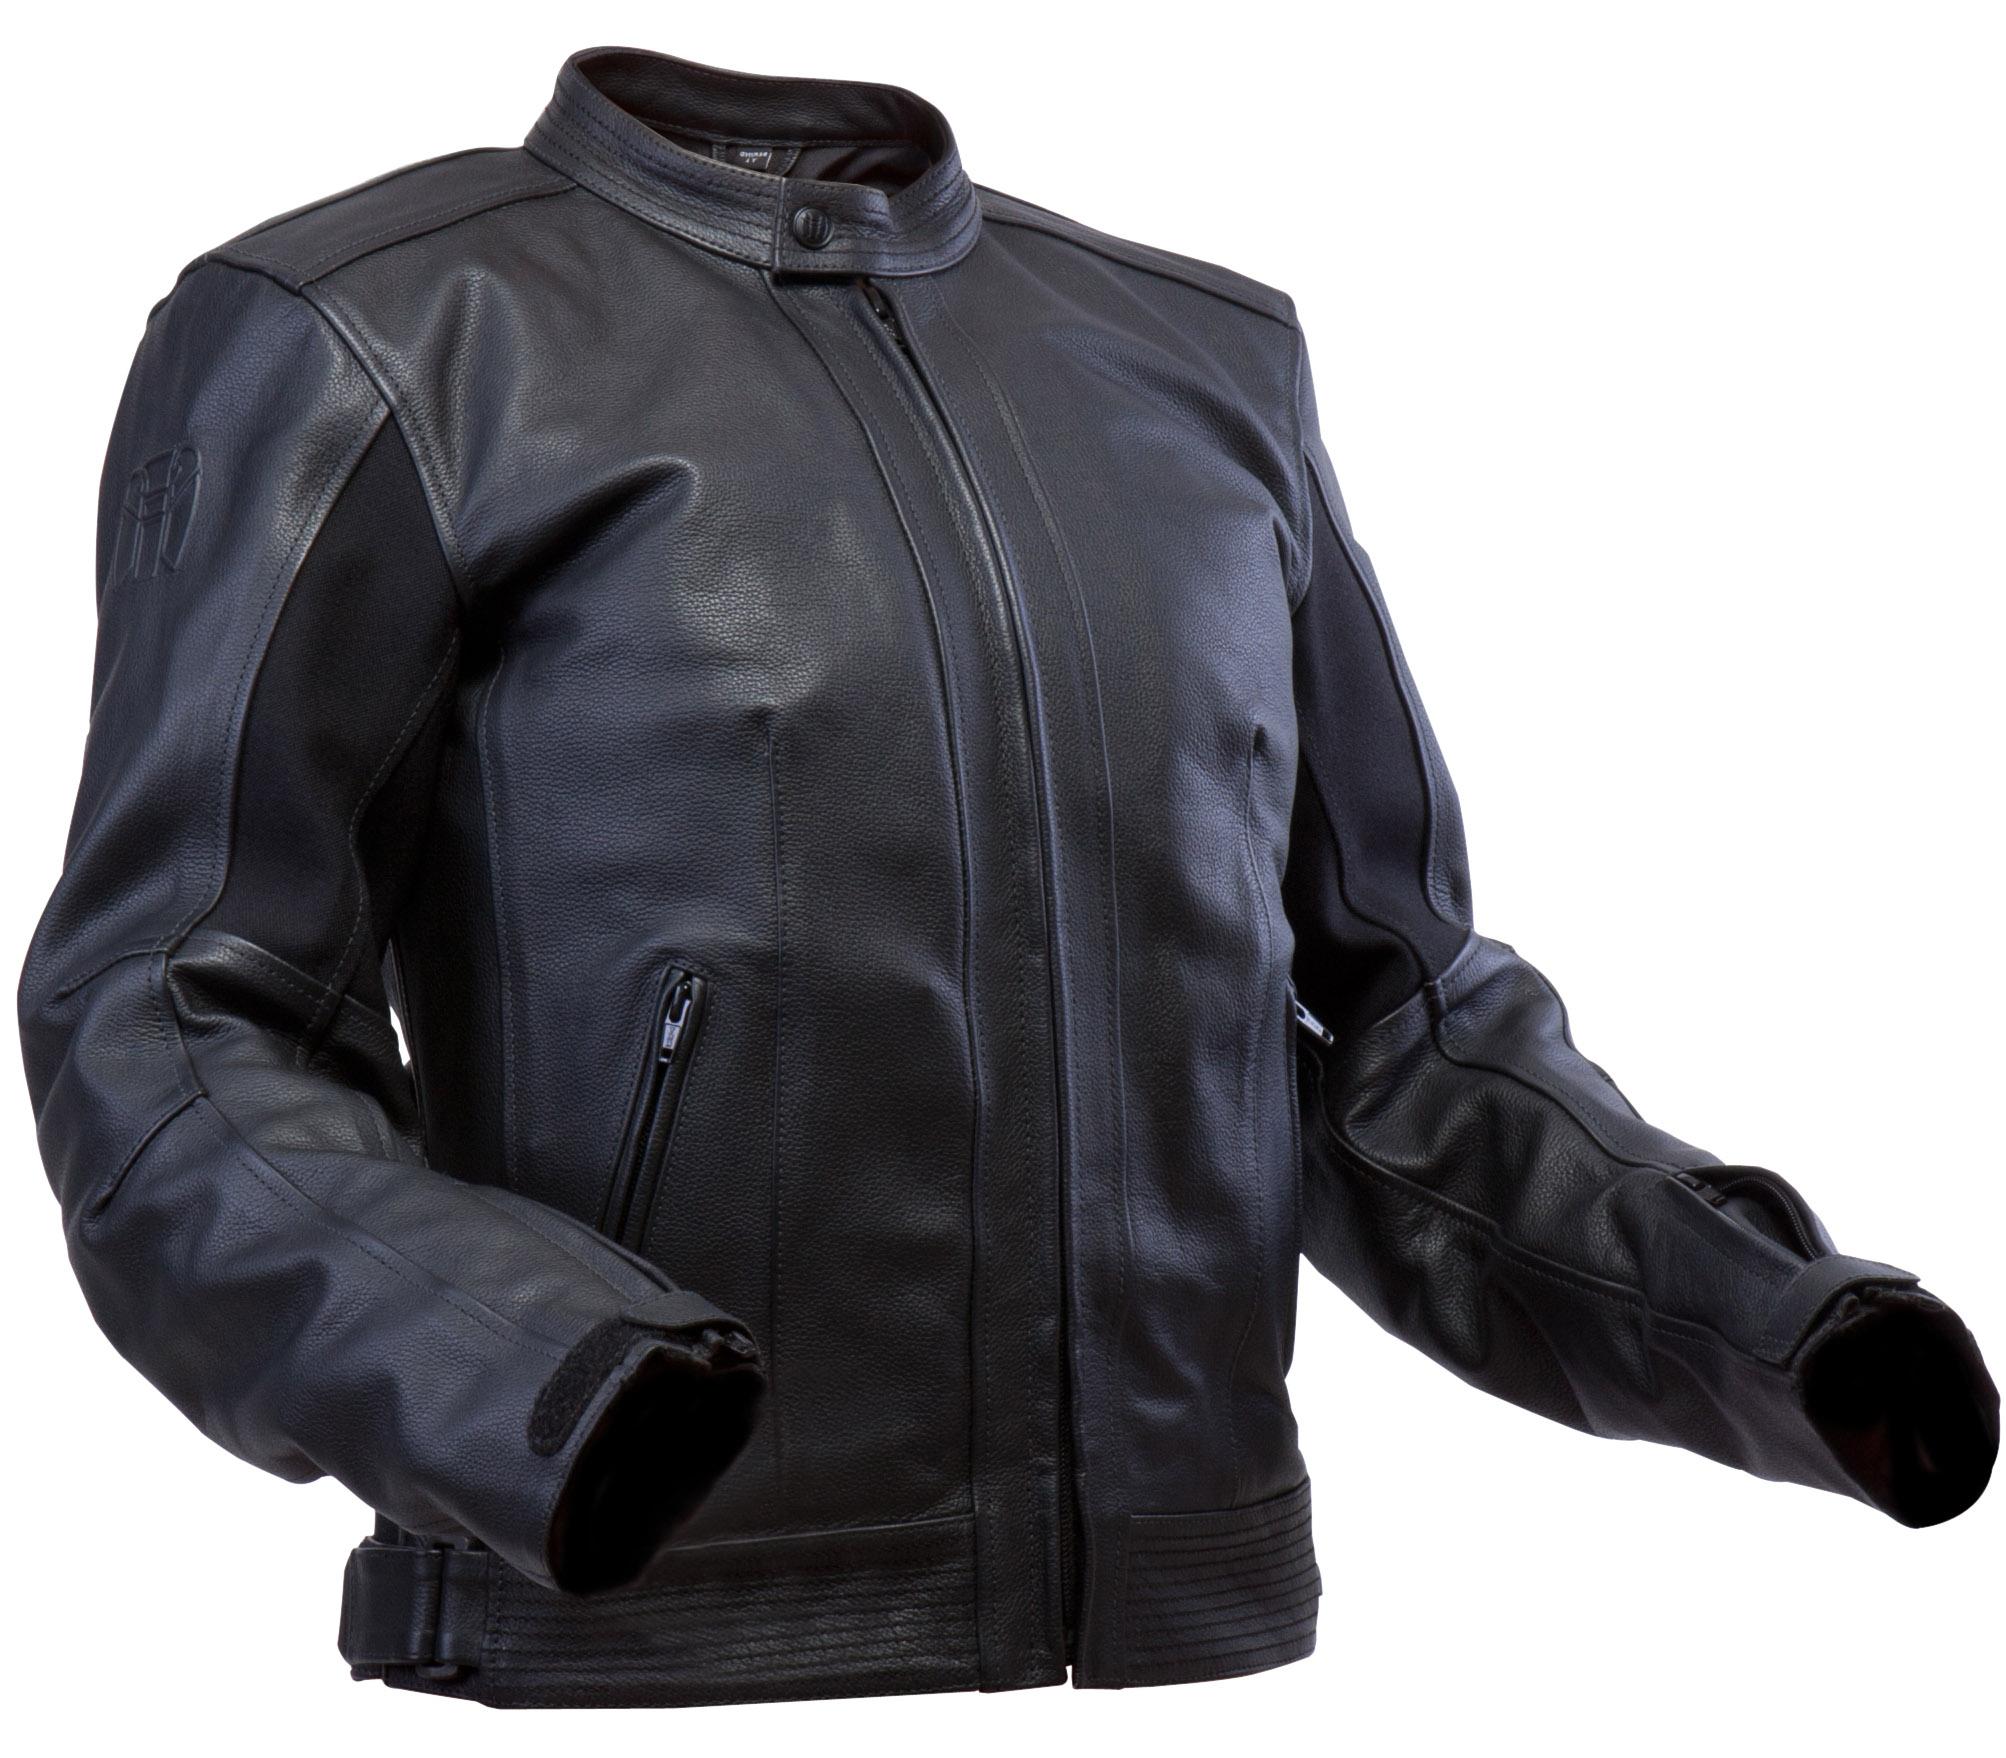 Kezdőoldal Termékek Bering motoros ruházat Női bőrdzseki Lady Filisse · Lady  Filisse CUB630 Akciós! 5b6d864df8